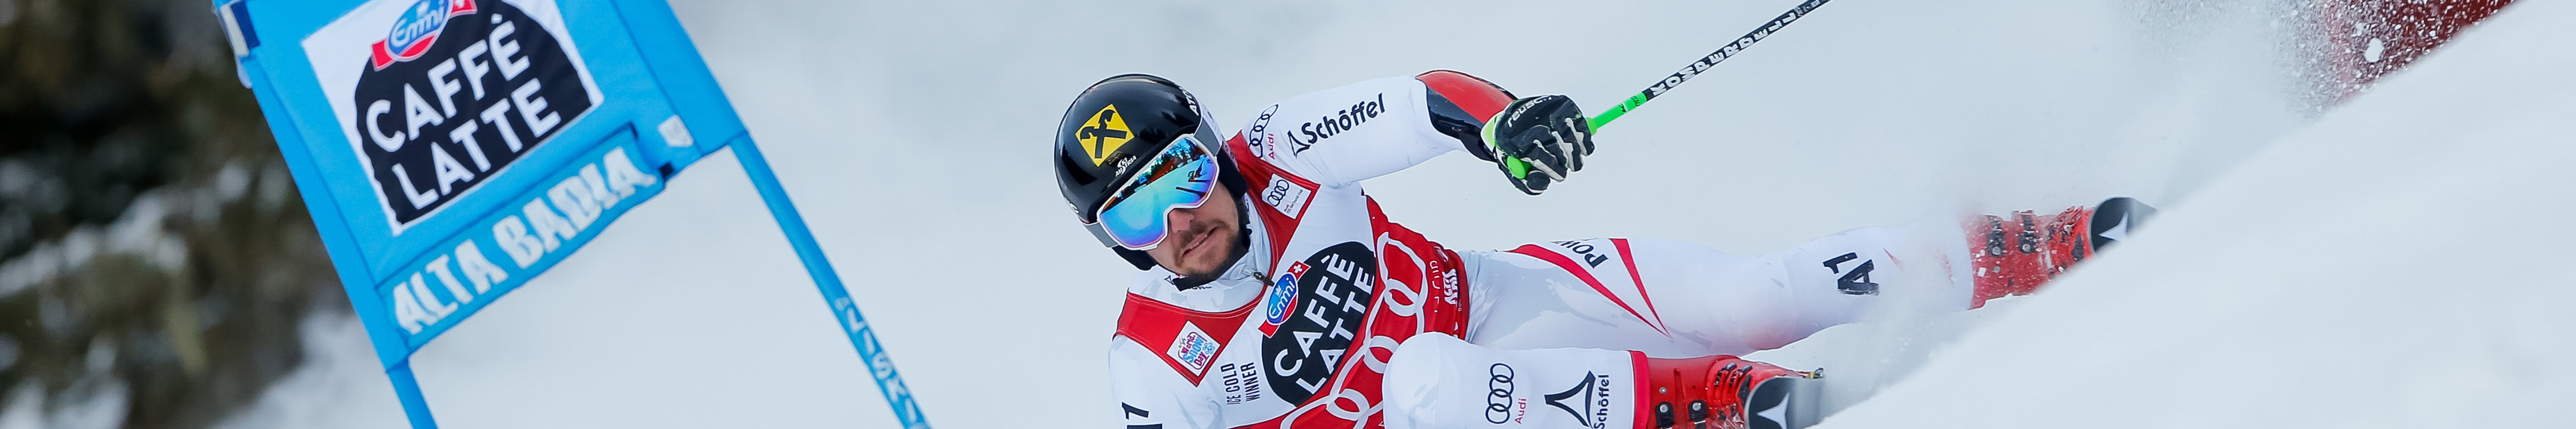 Marcel Hirscher will den 6. Streich in Alta Badia